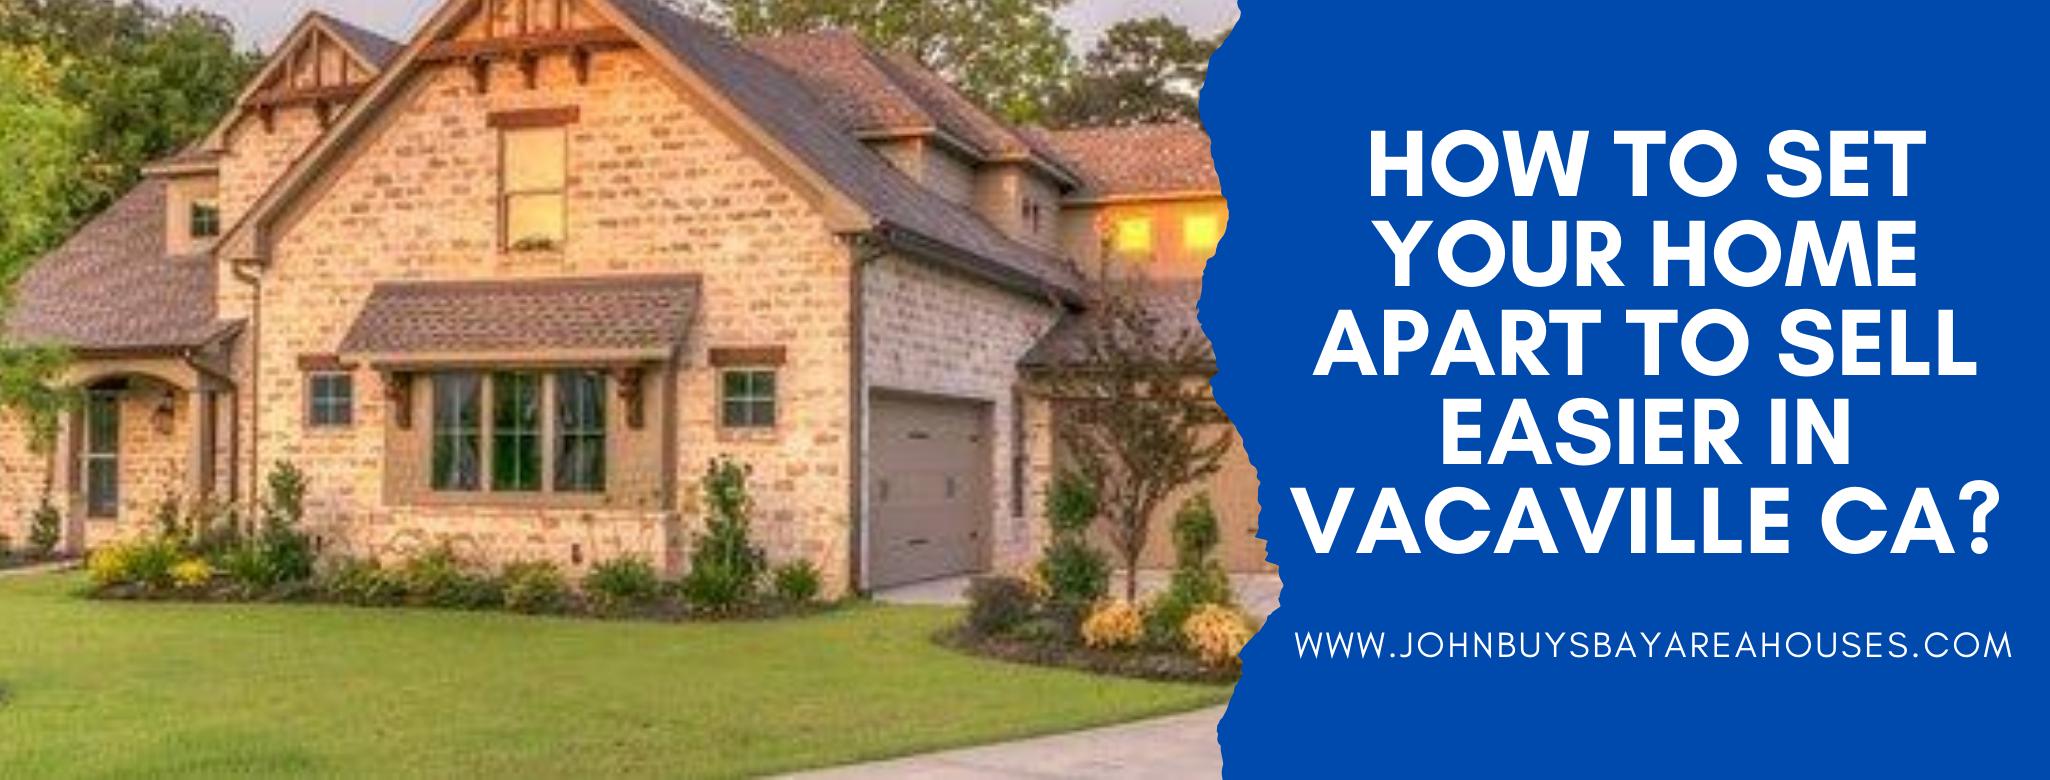 We buy properties in Vacaville CA